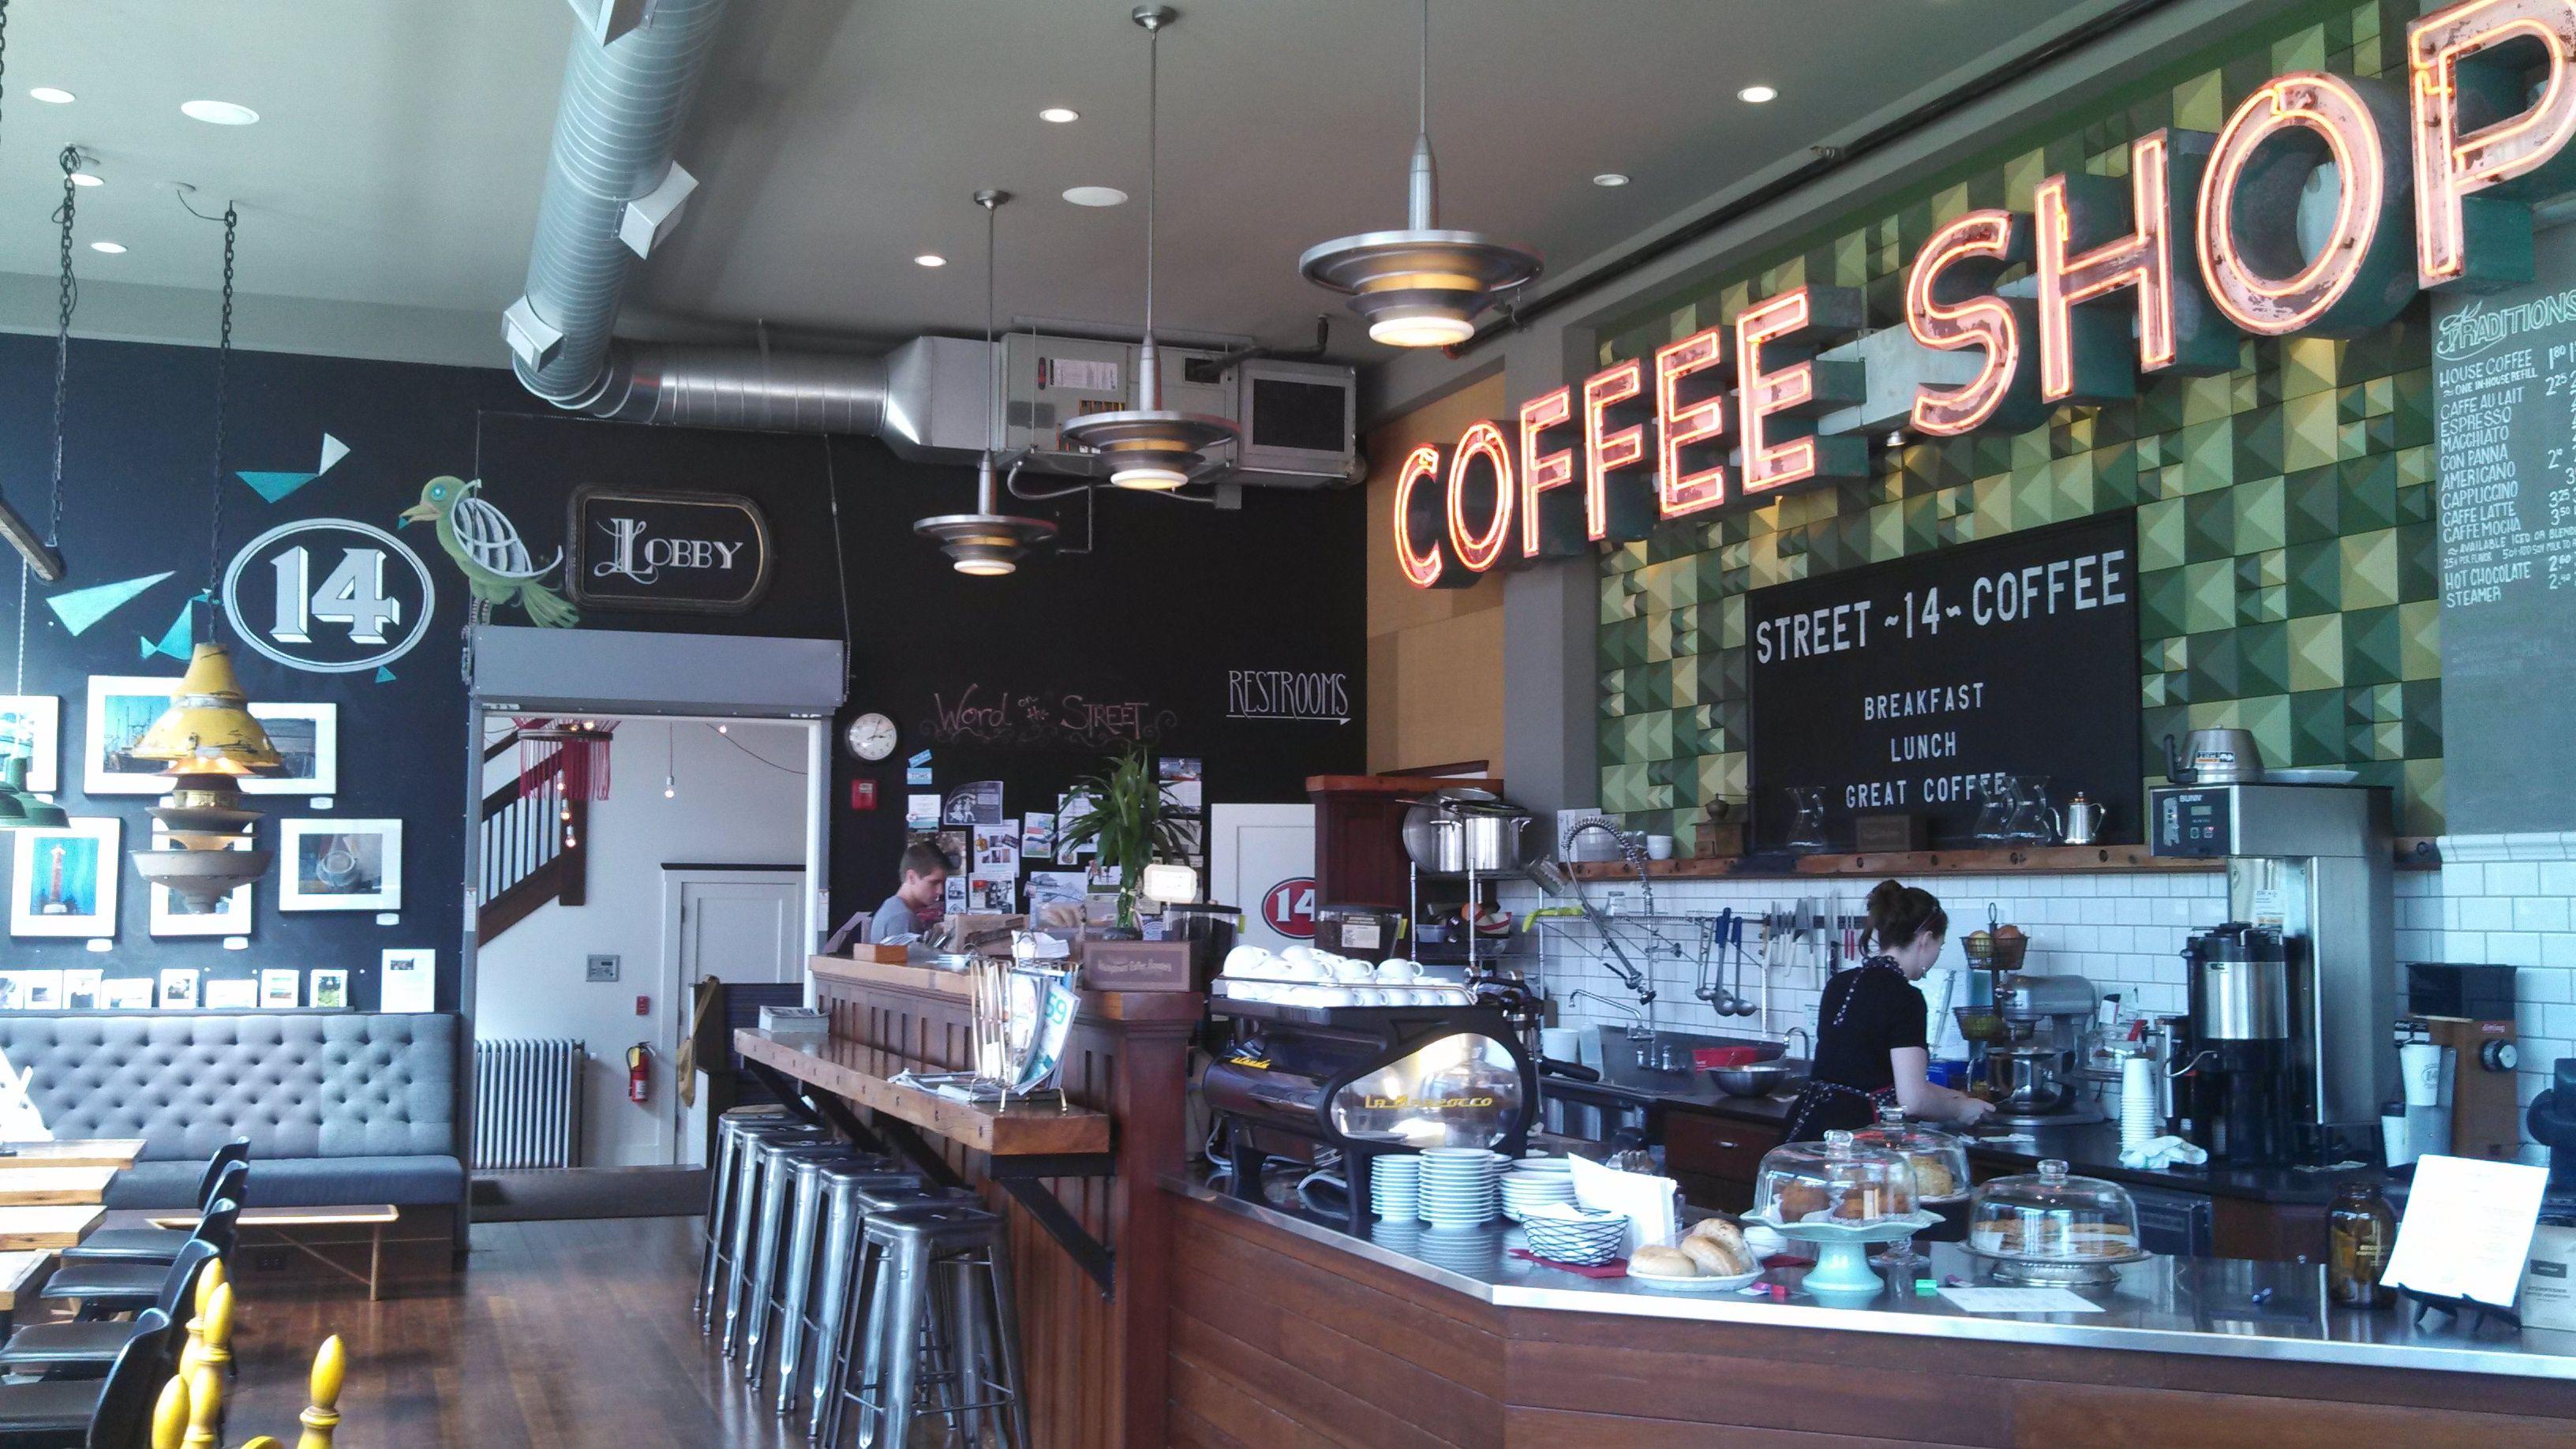 Coffee Shop @ Commodore Hotel Astoria Oregon - BIG graphic ...